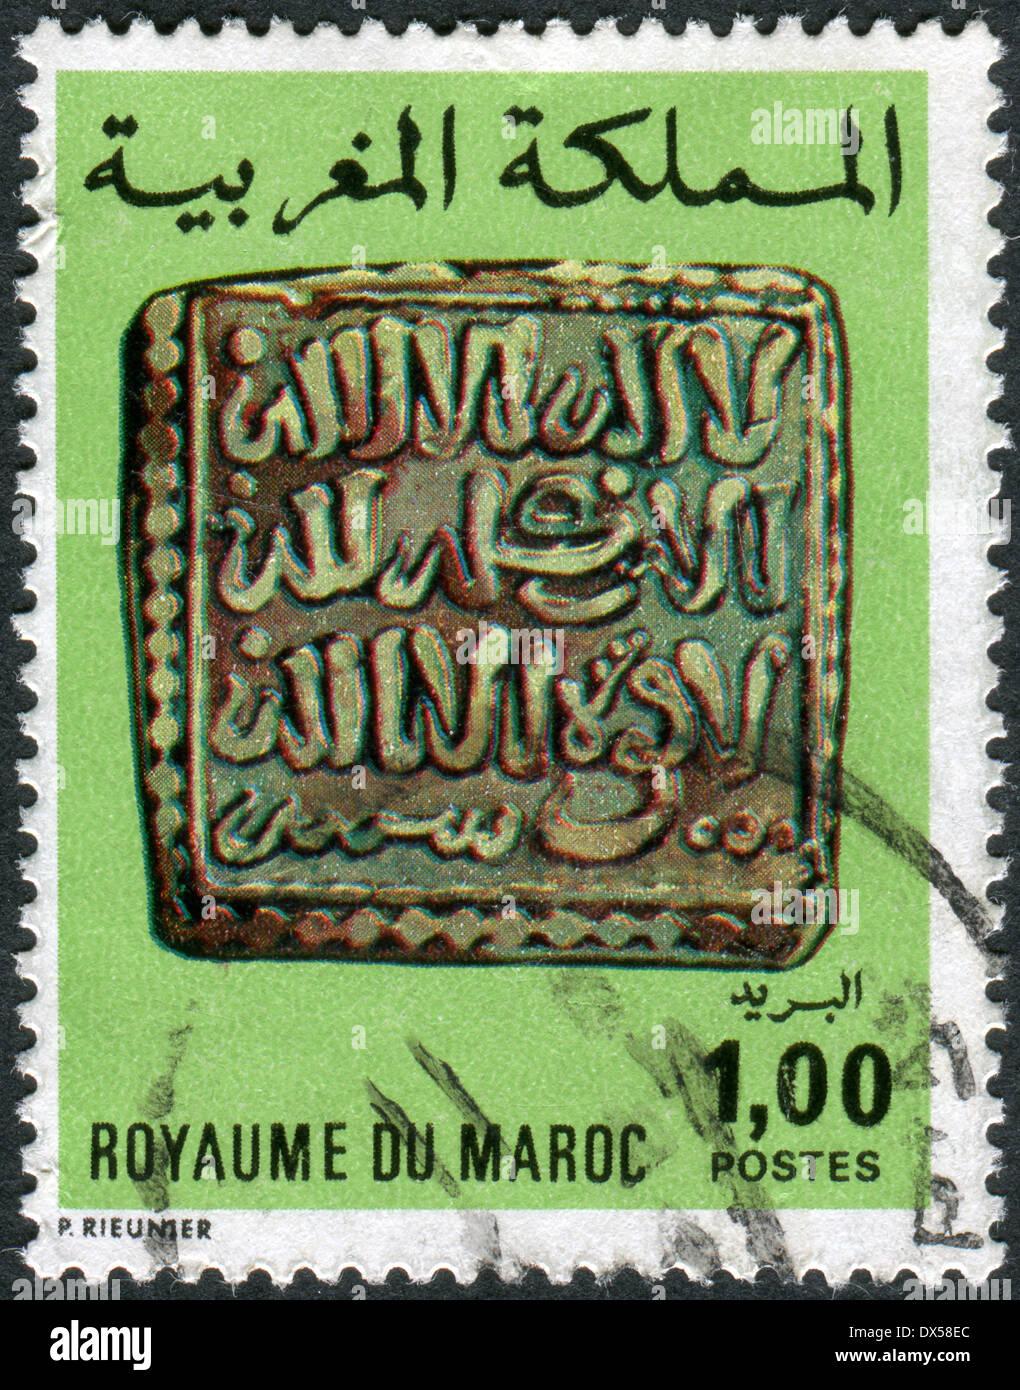 Briefmarke Gedruckt In Marokko Zeigt Eine Alte Marokkanische